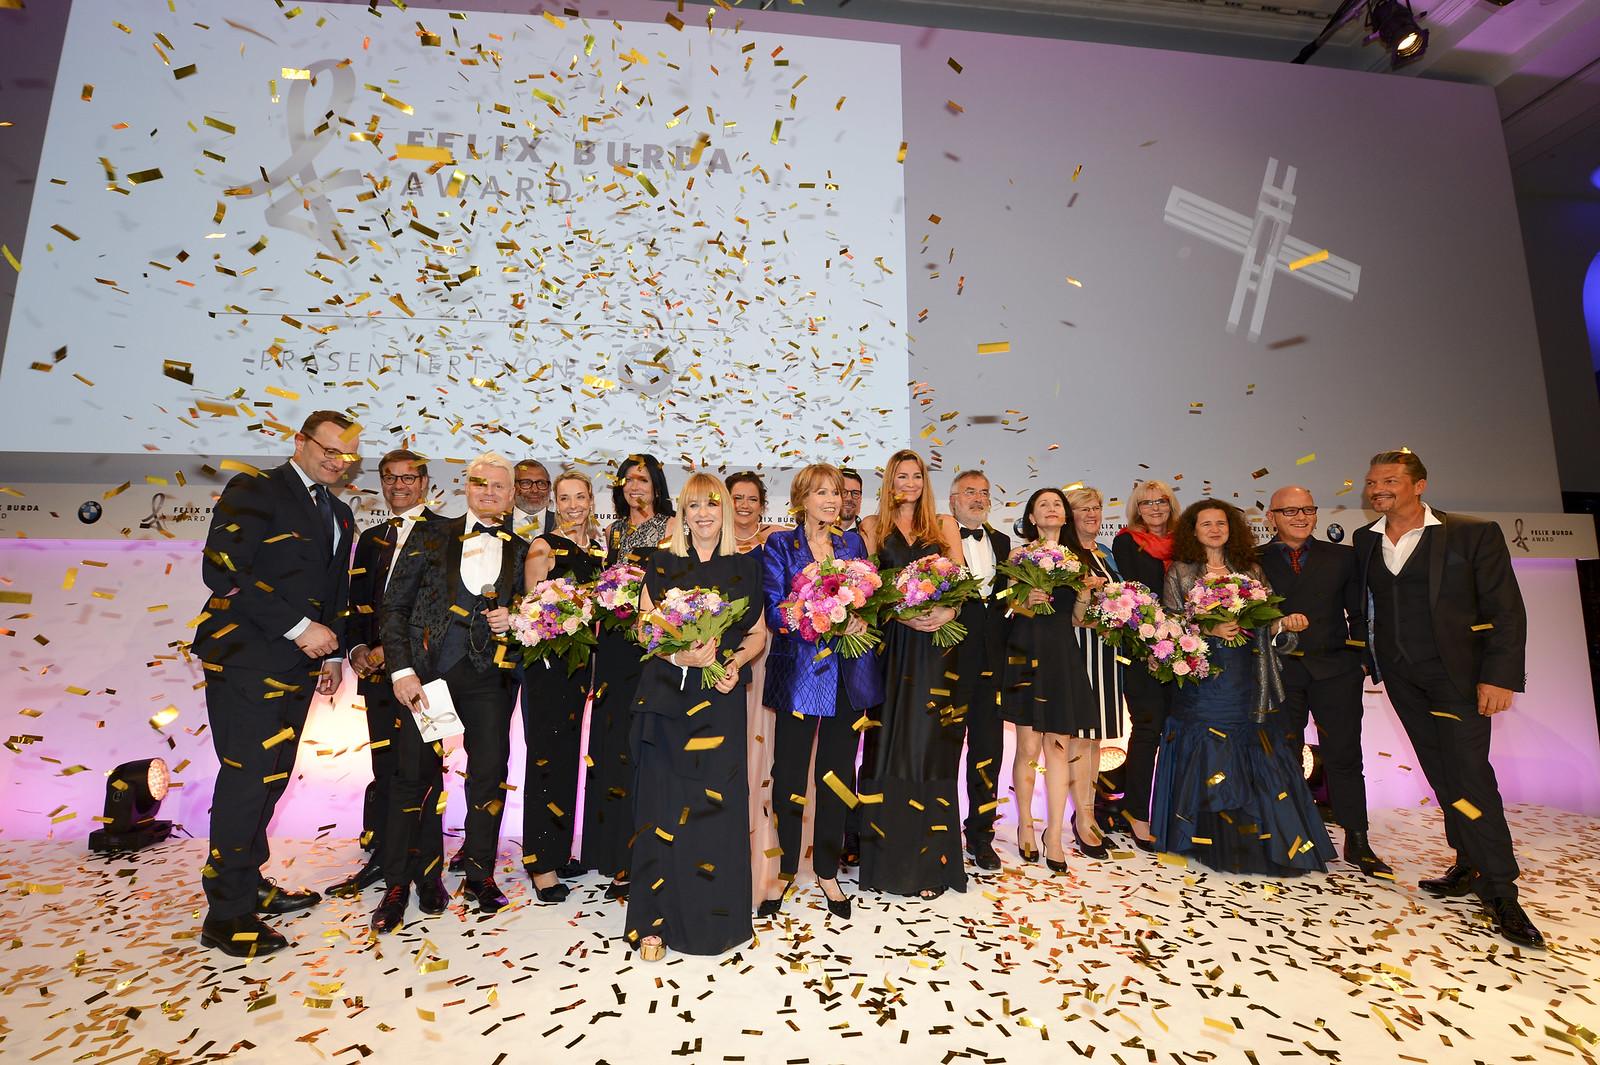 Felix Burda Award 2018